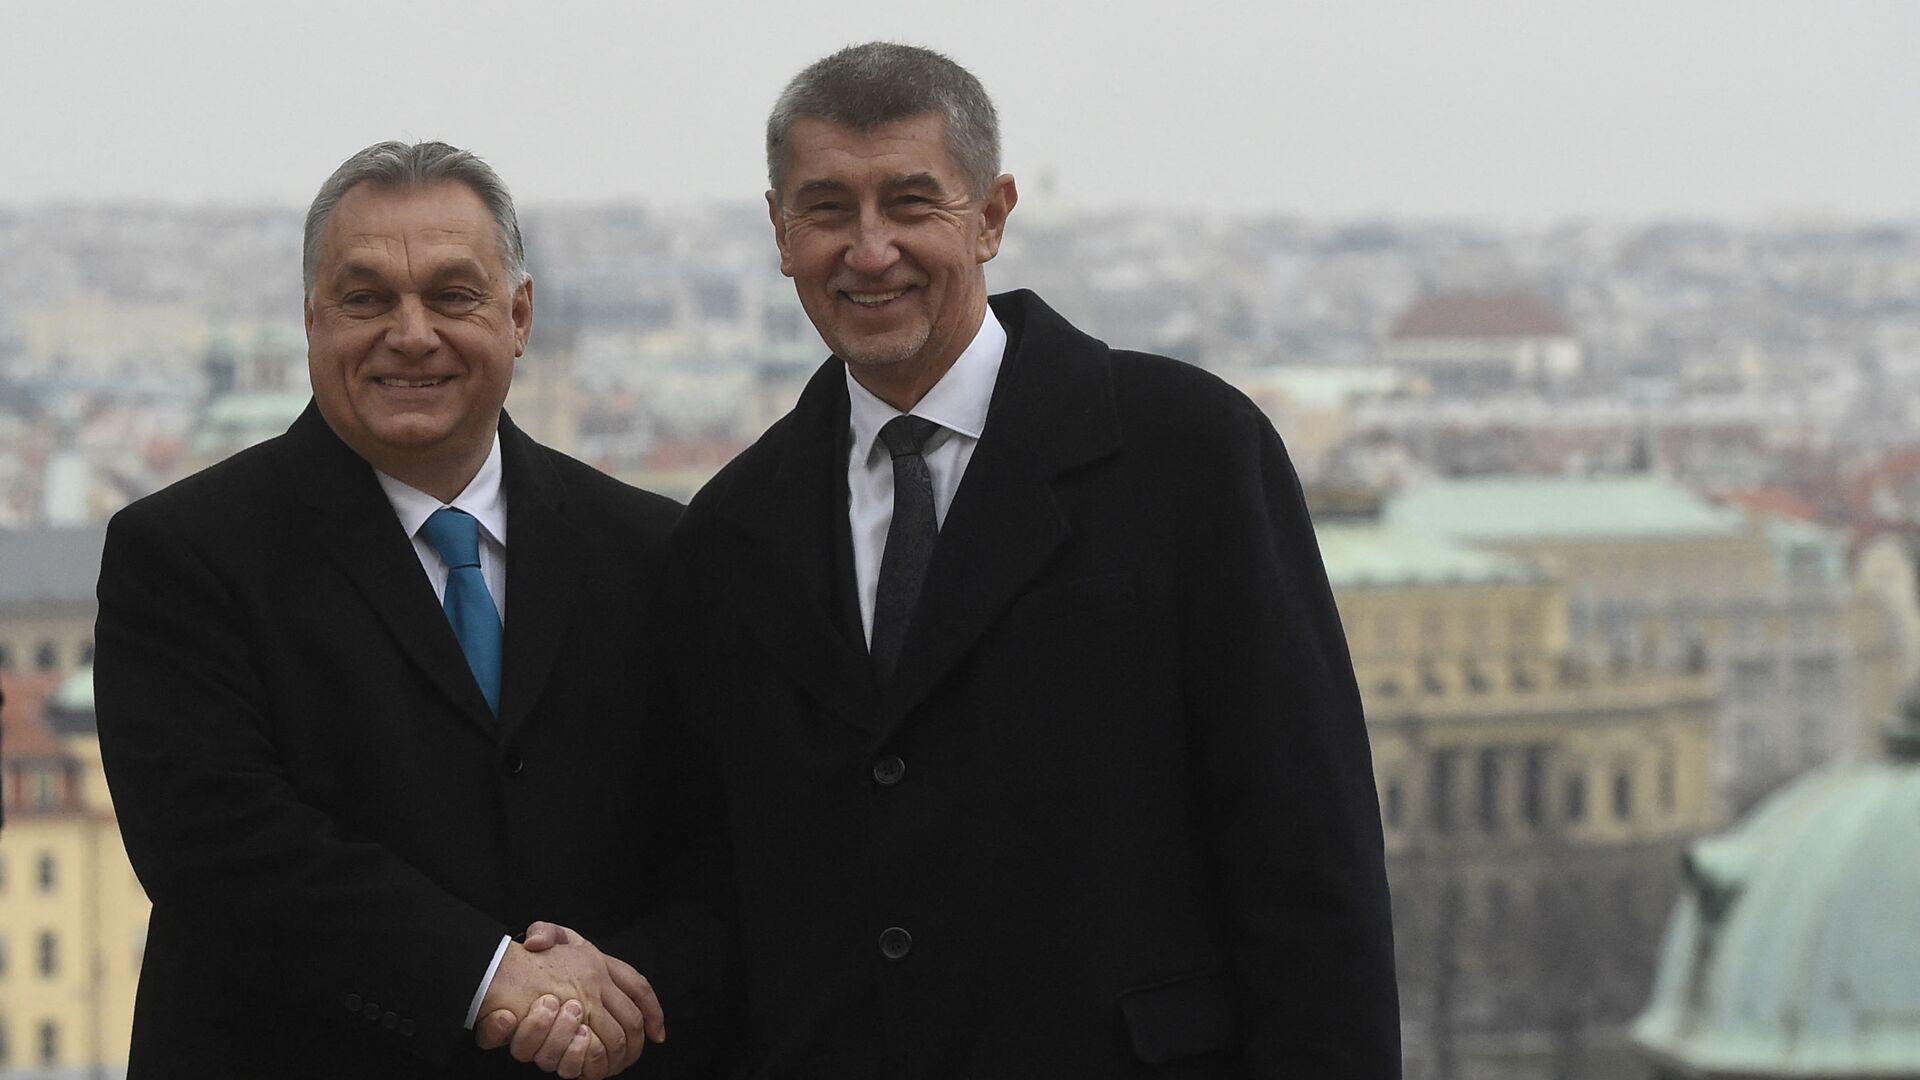 Český premiér Andrej Babiš si před setkáním 30. listopadu 2018 v Praze potřásá rukou se svým maďarským protějškem Viktorem Orbánem - Sputnik Česká republika, 1920, 28.09.2021